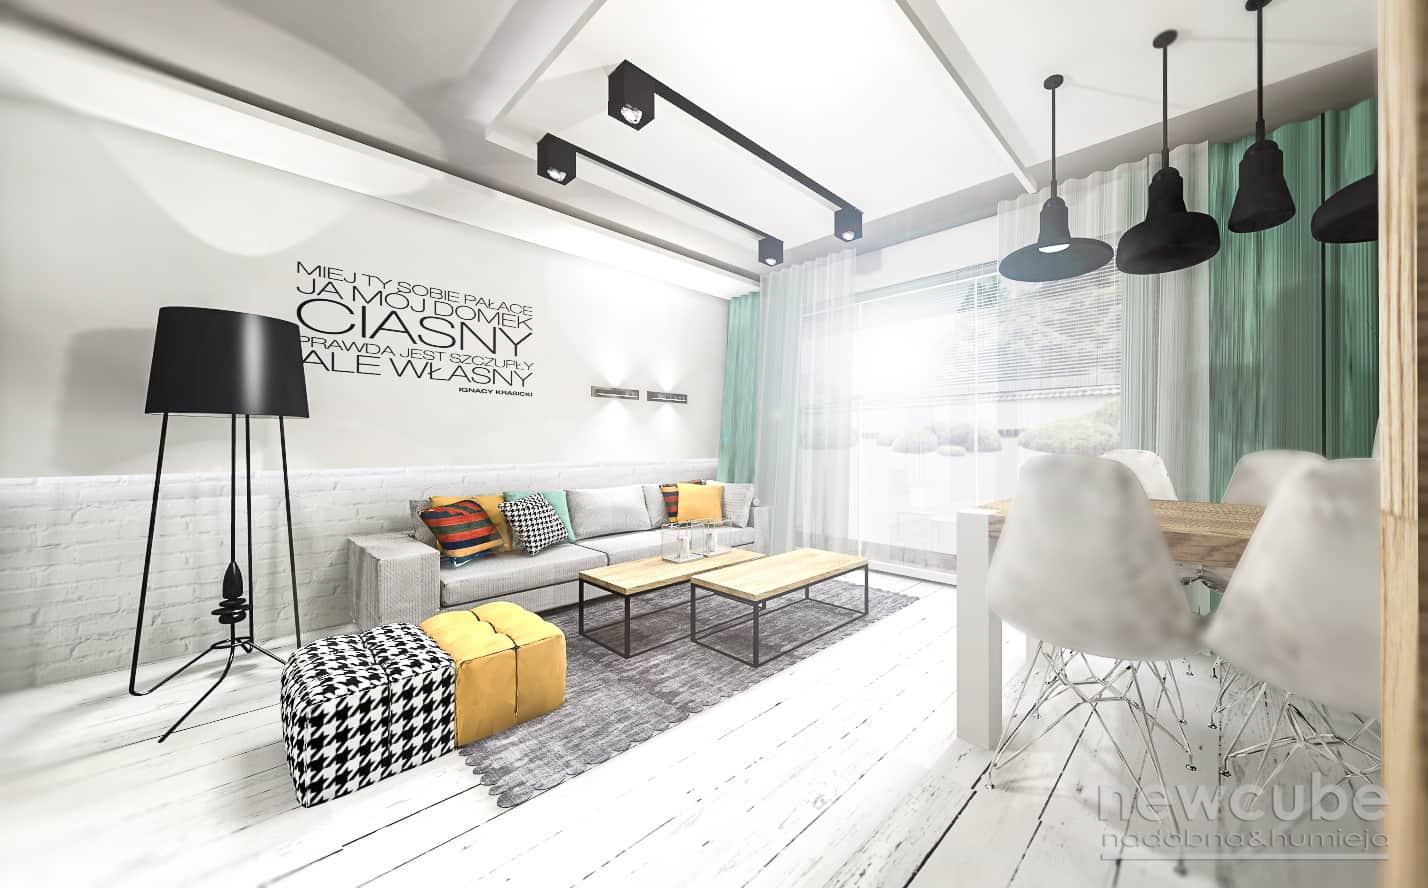 aranzacja-wnetrz-projekt-architekt-new-cube-9-17_06_2015